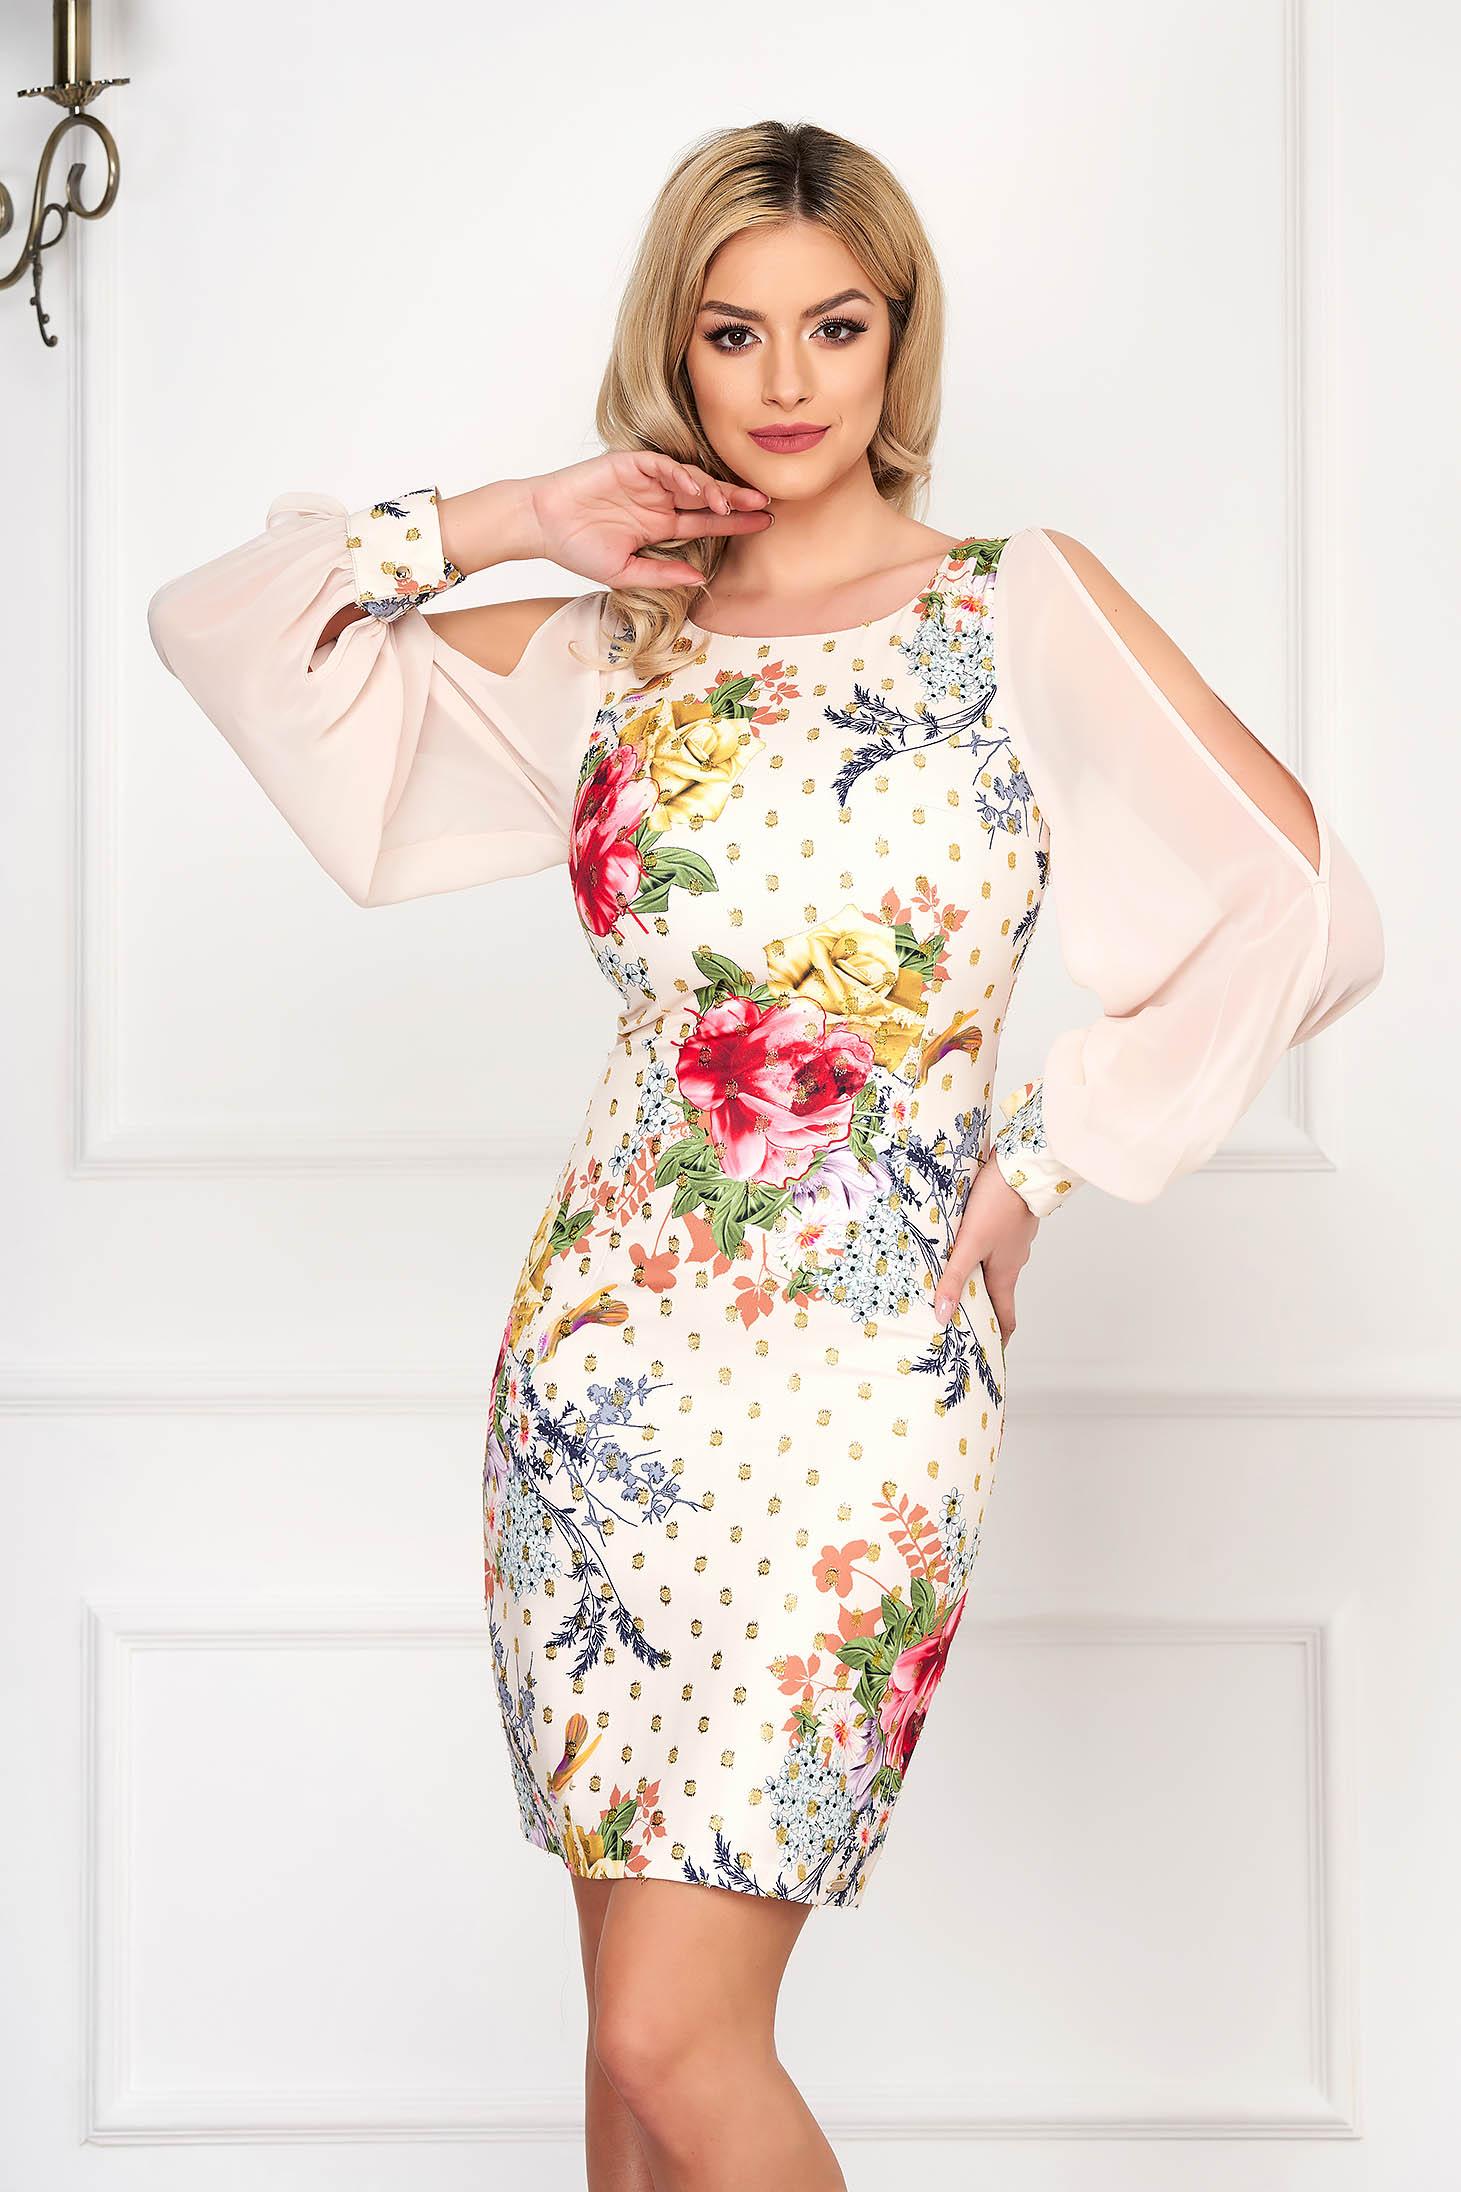 Rochie crem eleganta scurta tip creion cu maneci din voal si imprimeu floral